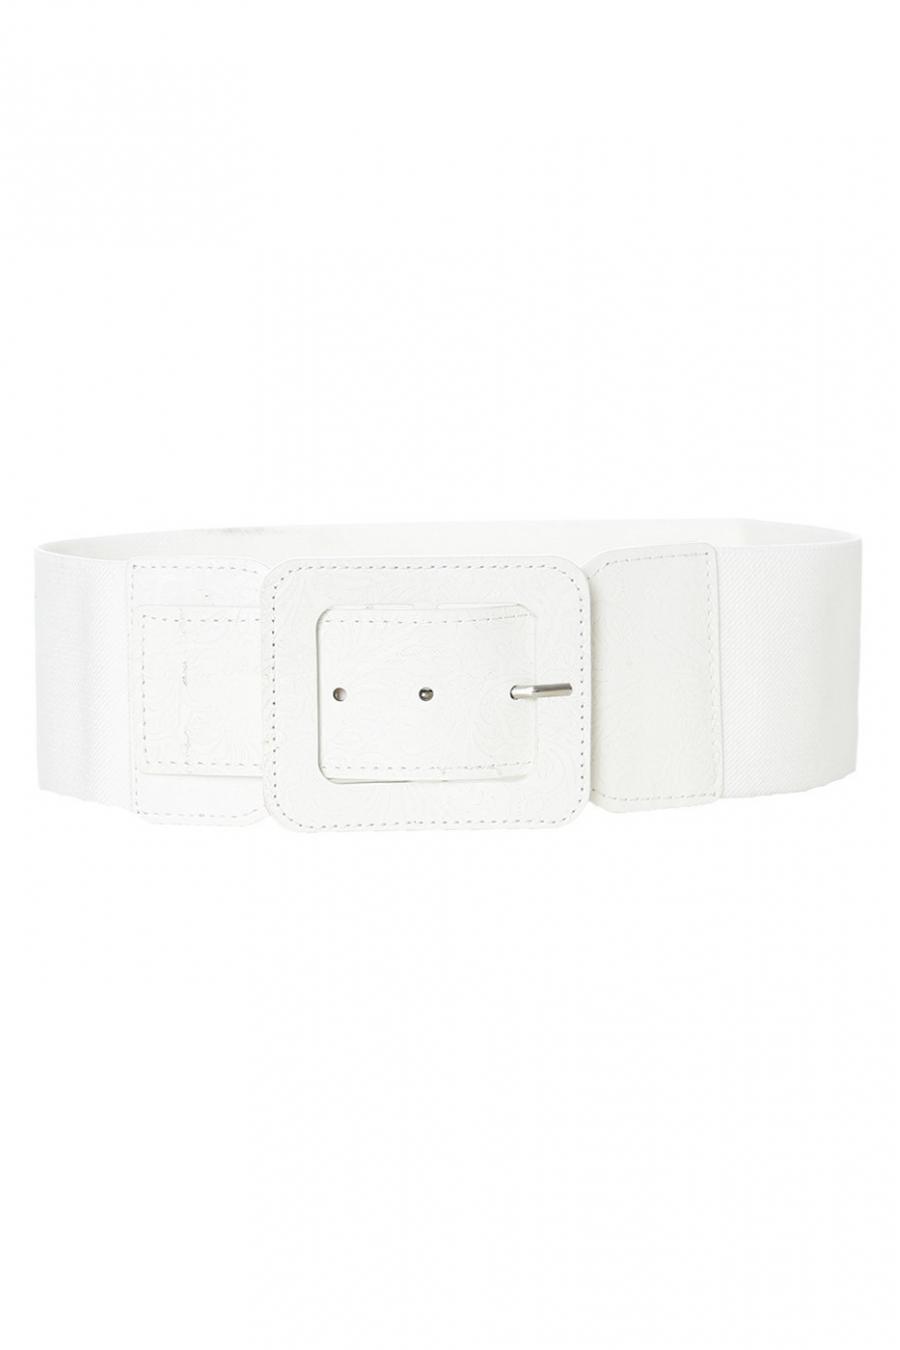 Witte elastische riem met rechthoekige gesp. SG-0750